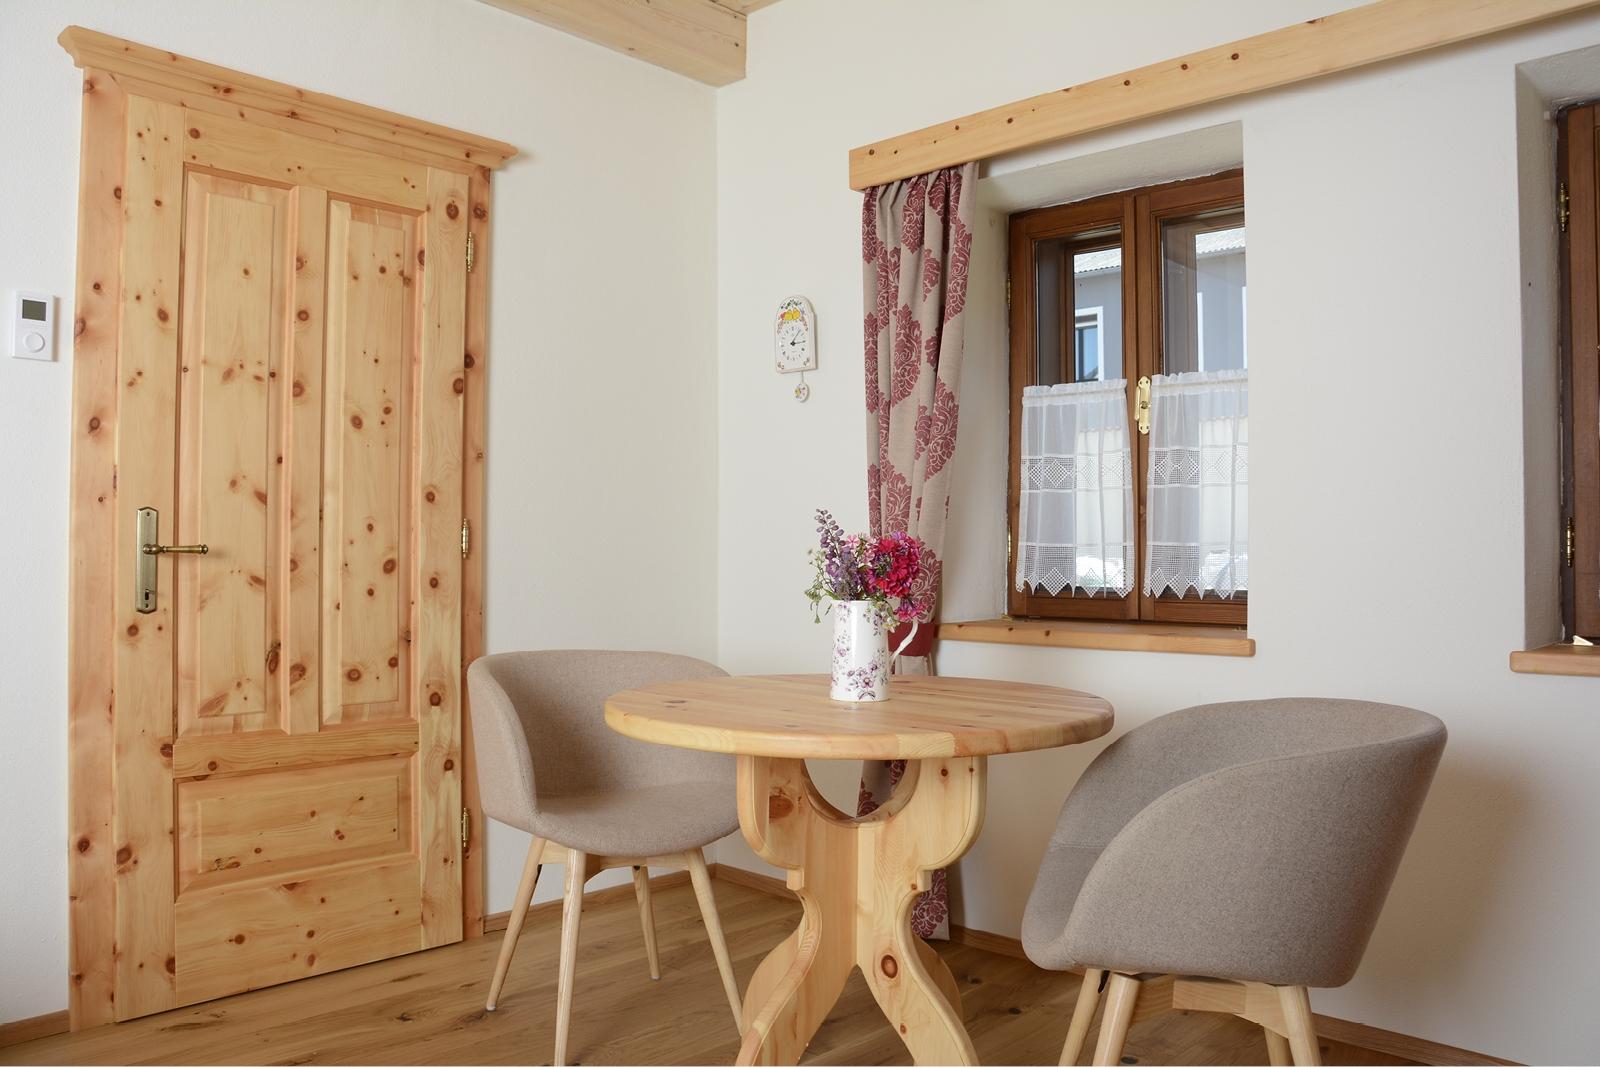 Häufig Möbel aus Zirbenholz, Tischler Manfred Strantz, Burgenland LR11